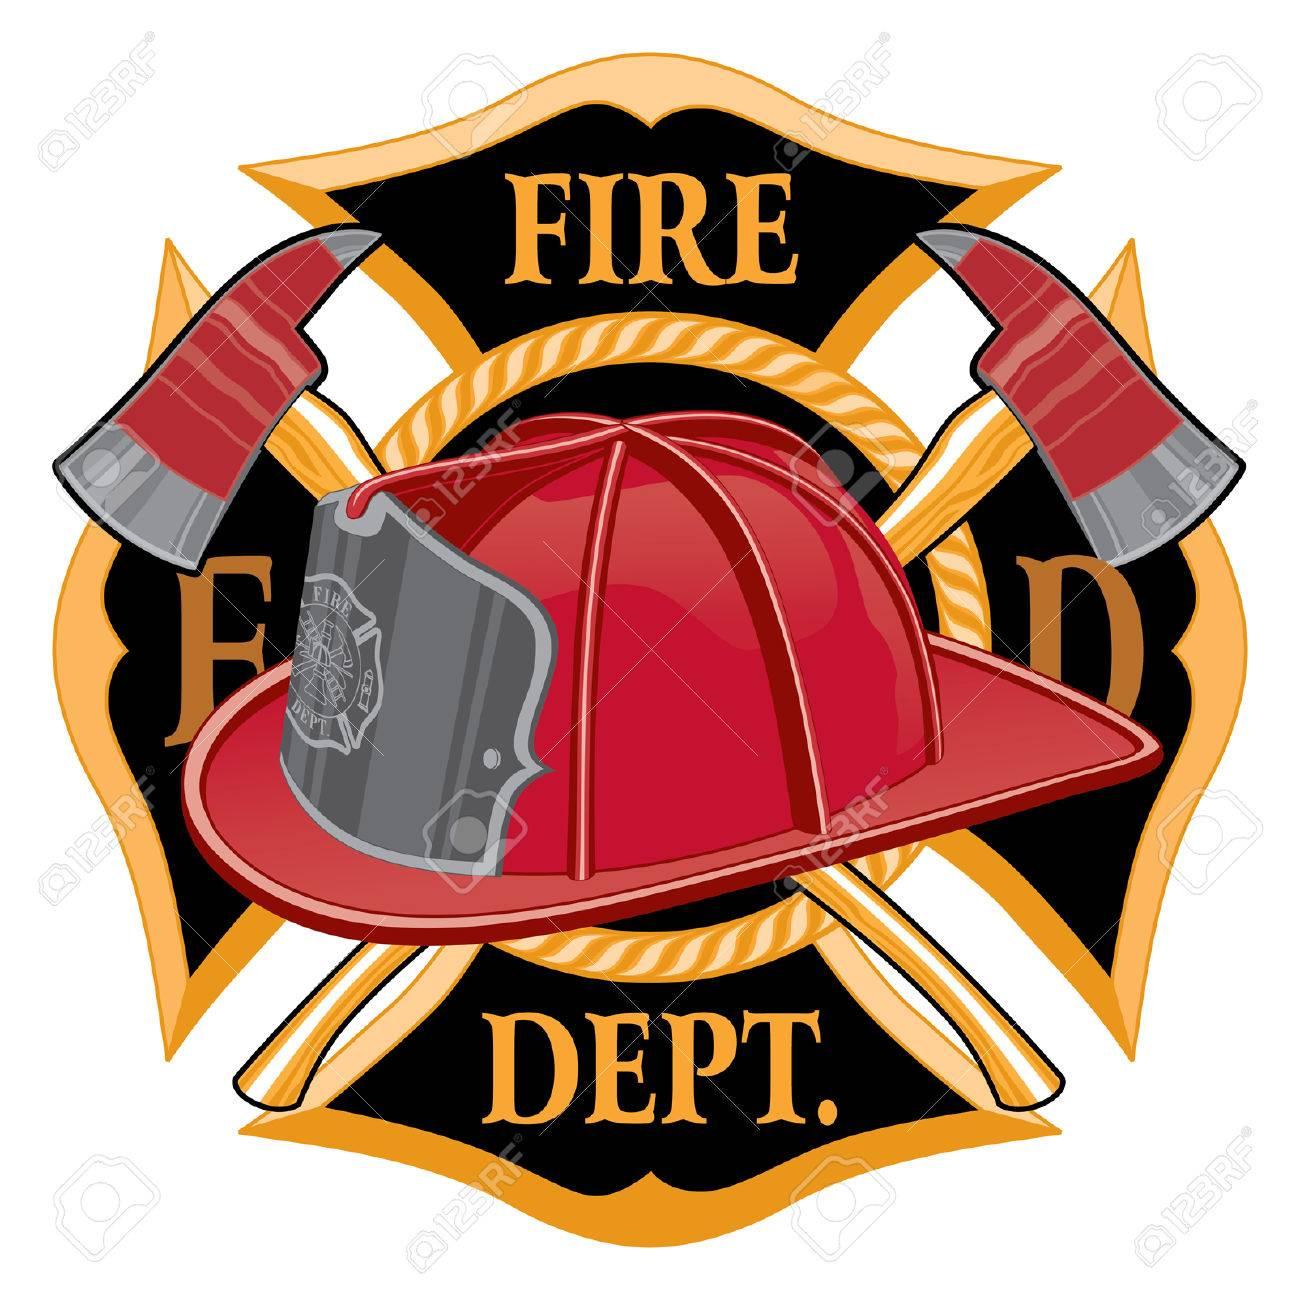 fire department cross symbol is an illustration of a fireman rh 123rf com firefighter logo sunglasses firefighter logo maker